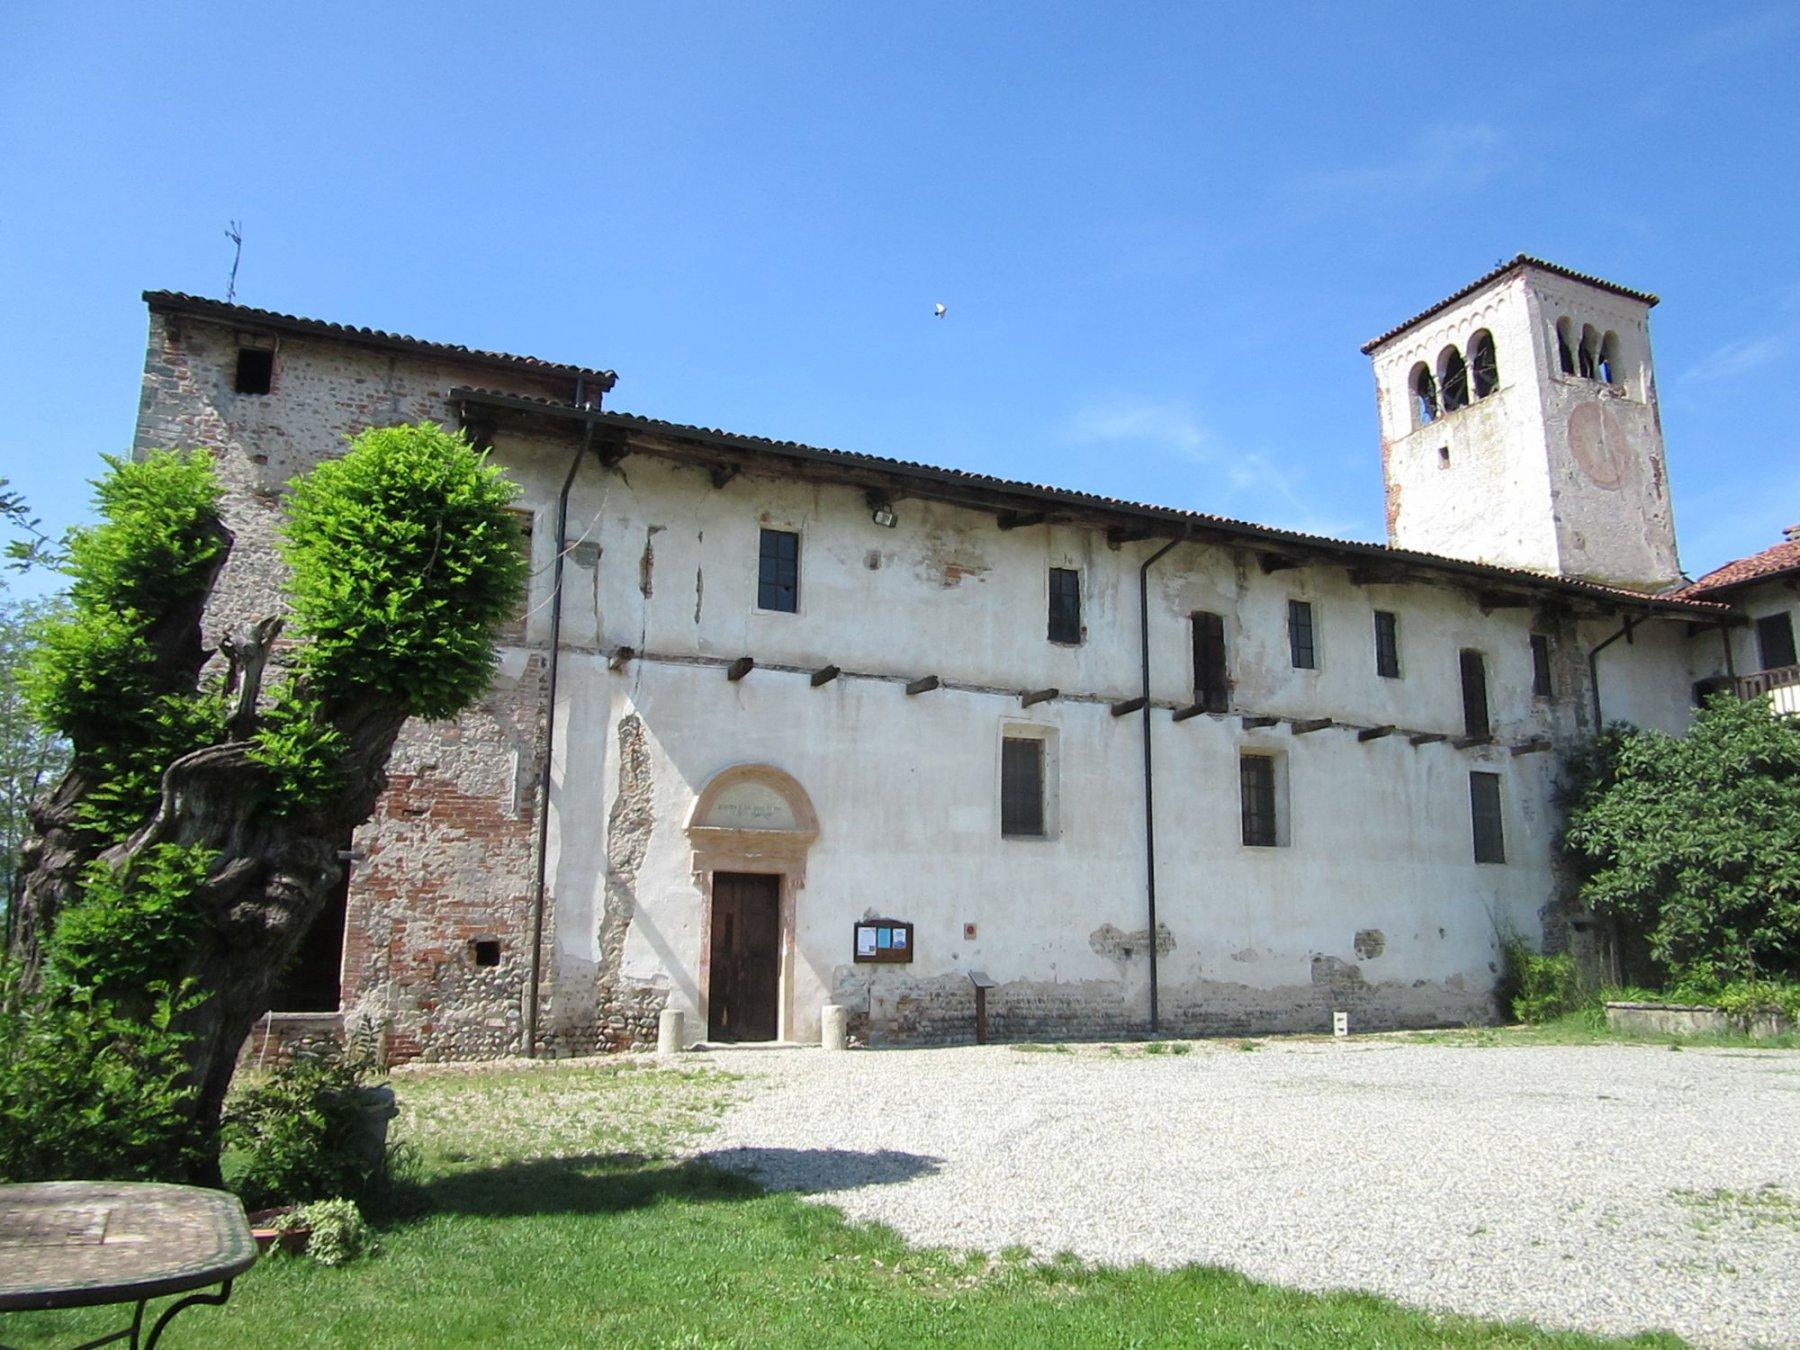 Monastero Cluniacense a Castelletto Cervo